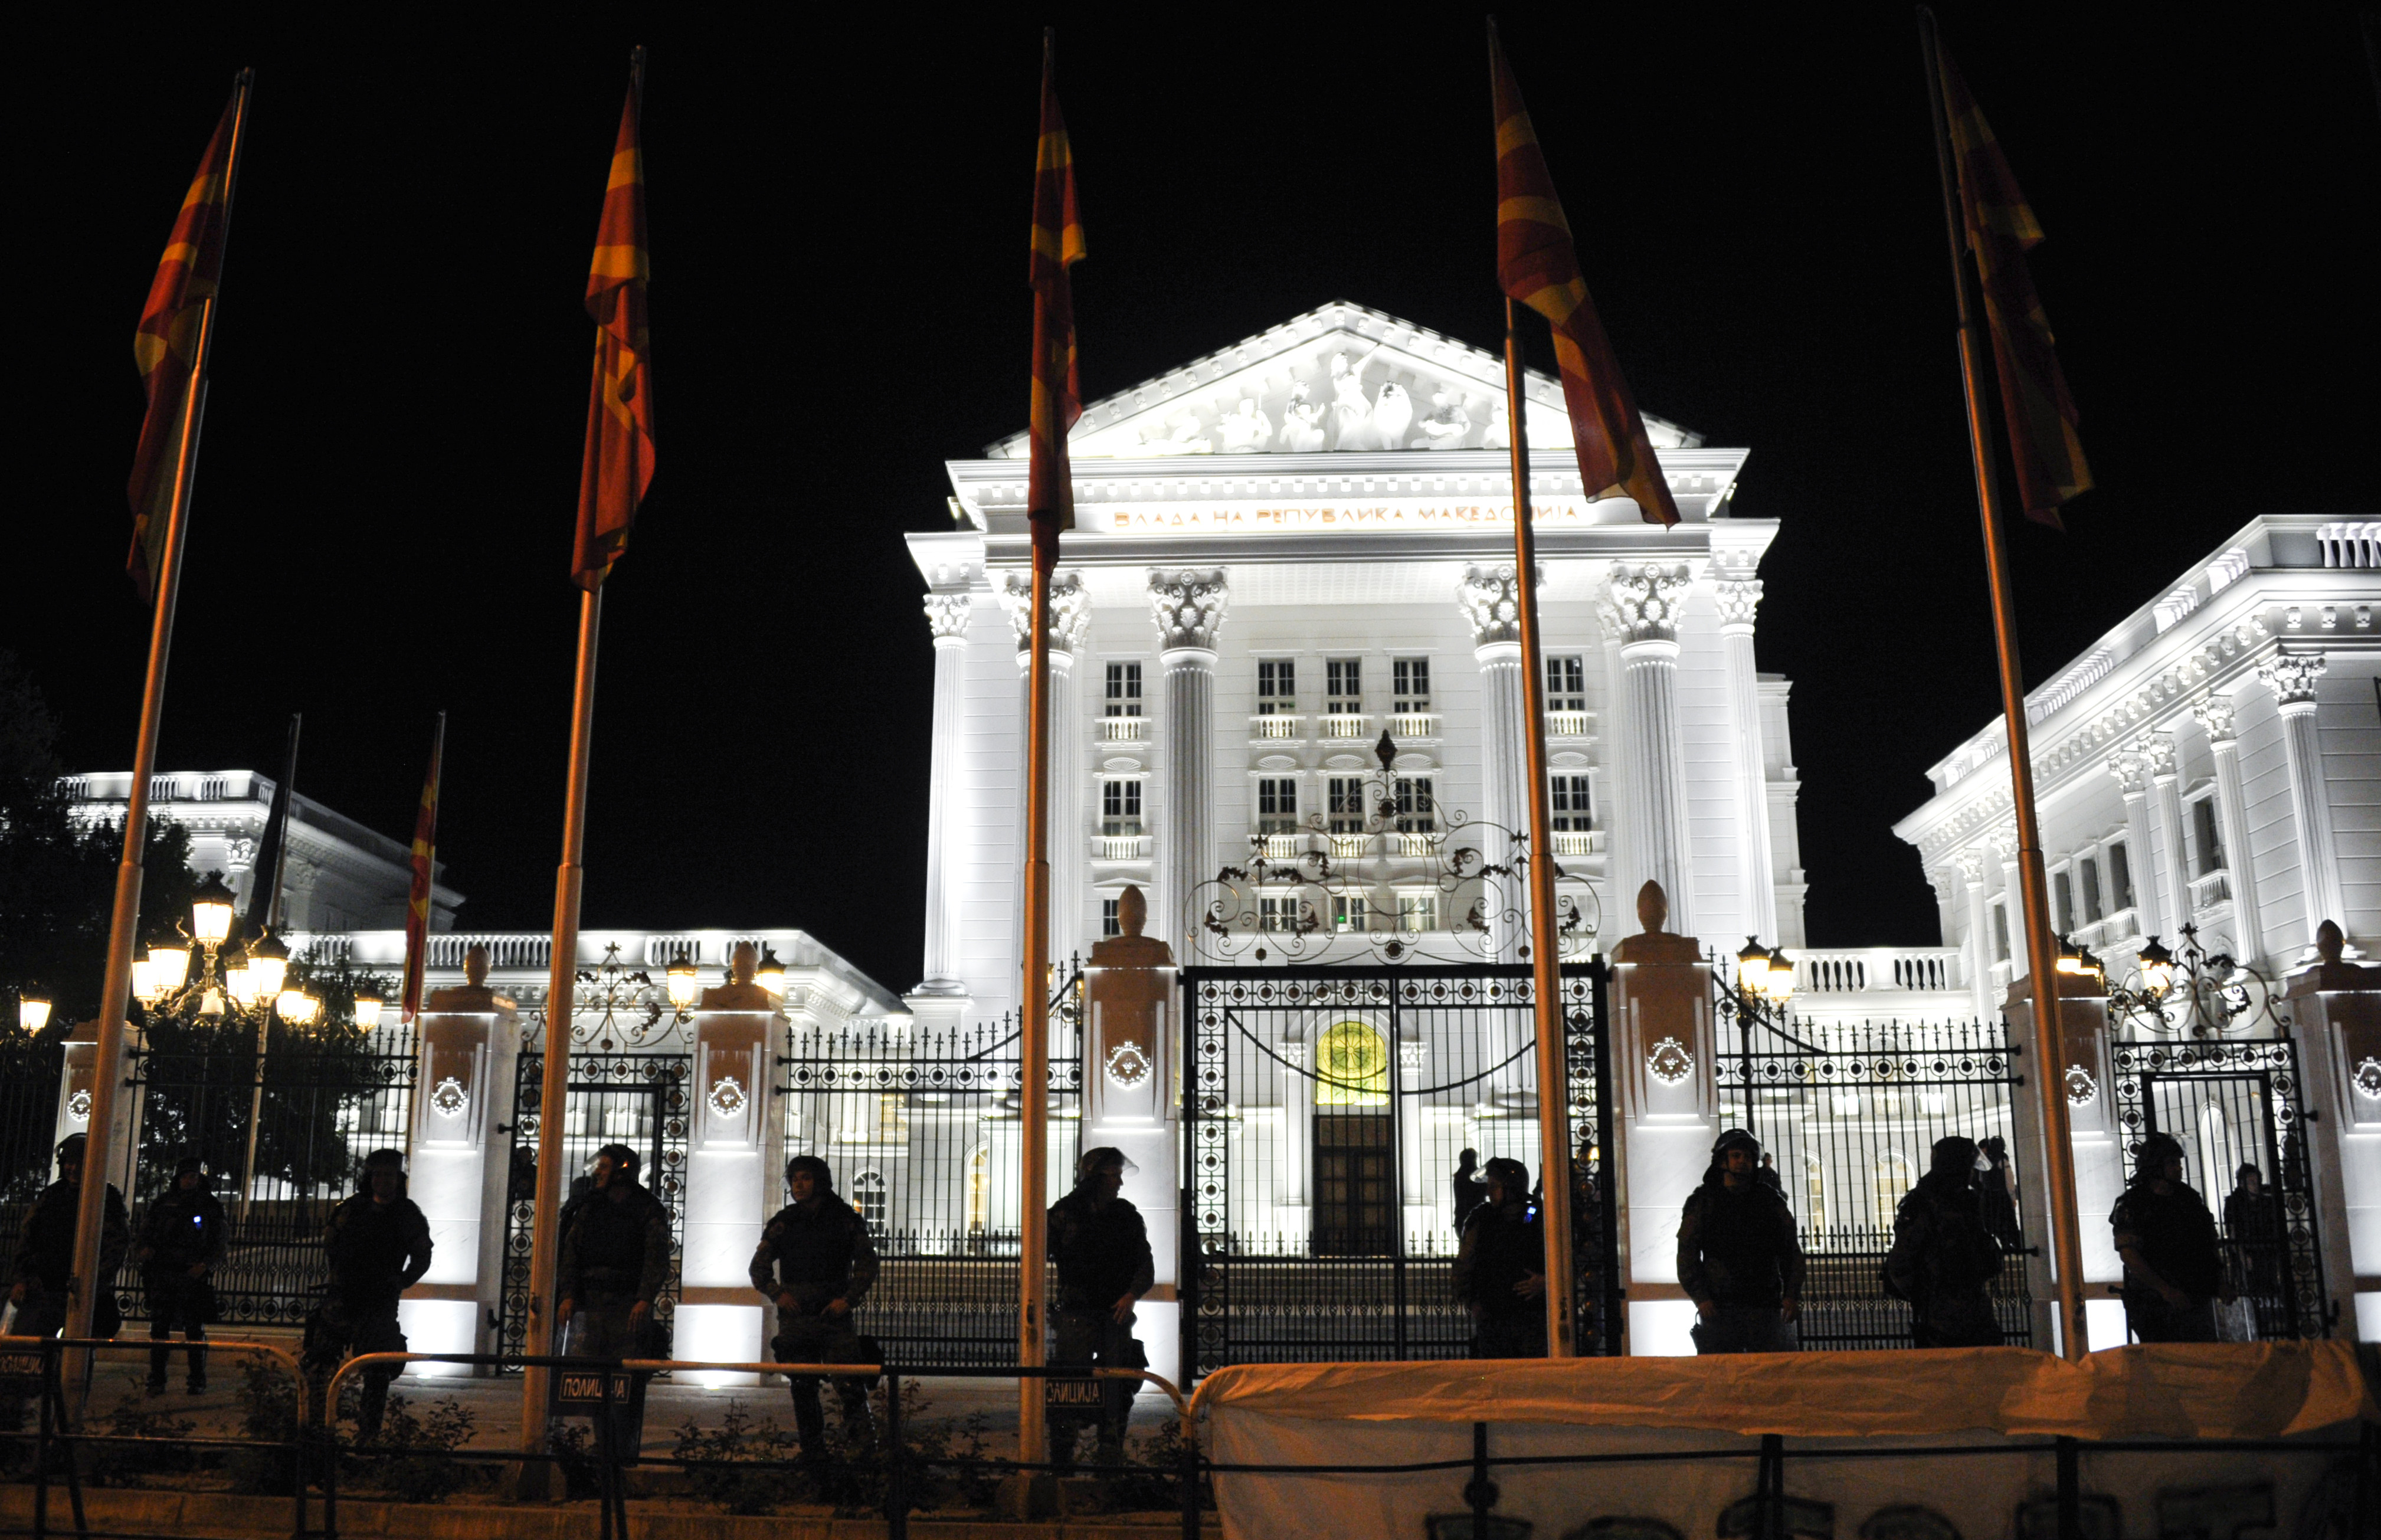 <p>Здание правительства Македонии в Скопье. Фото: &copy; РИА Новости/Дмитрий Виноградов</p>